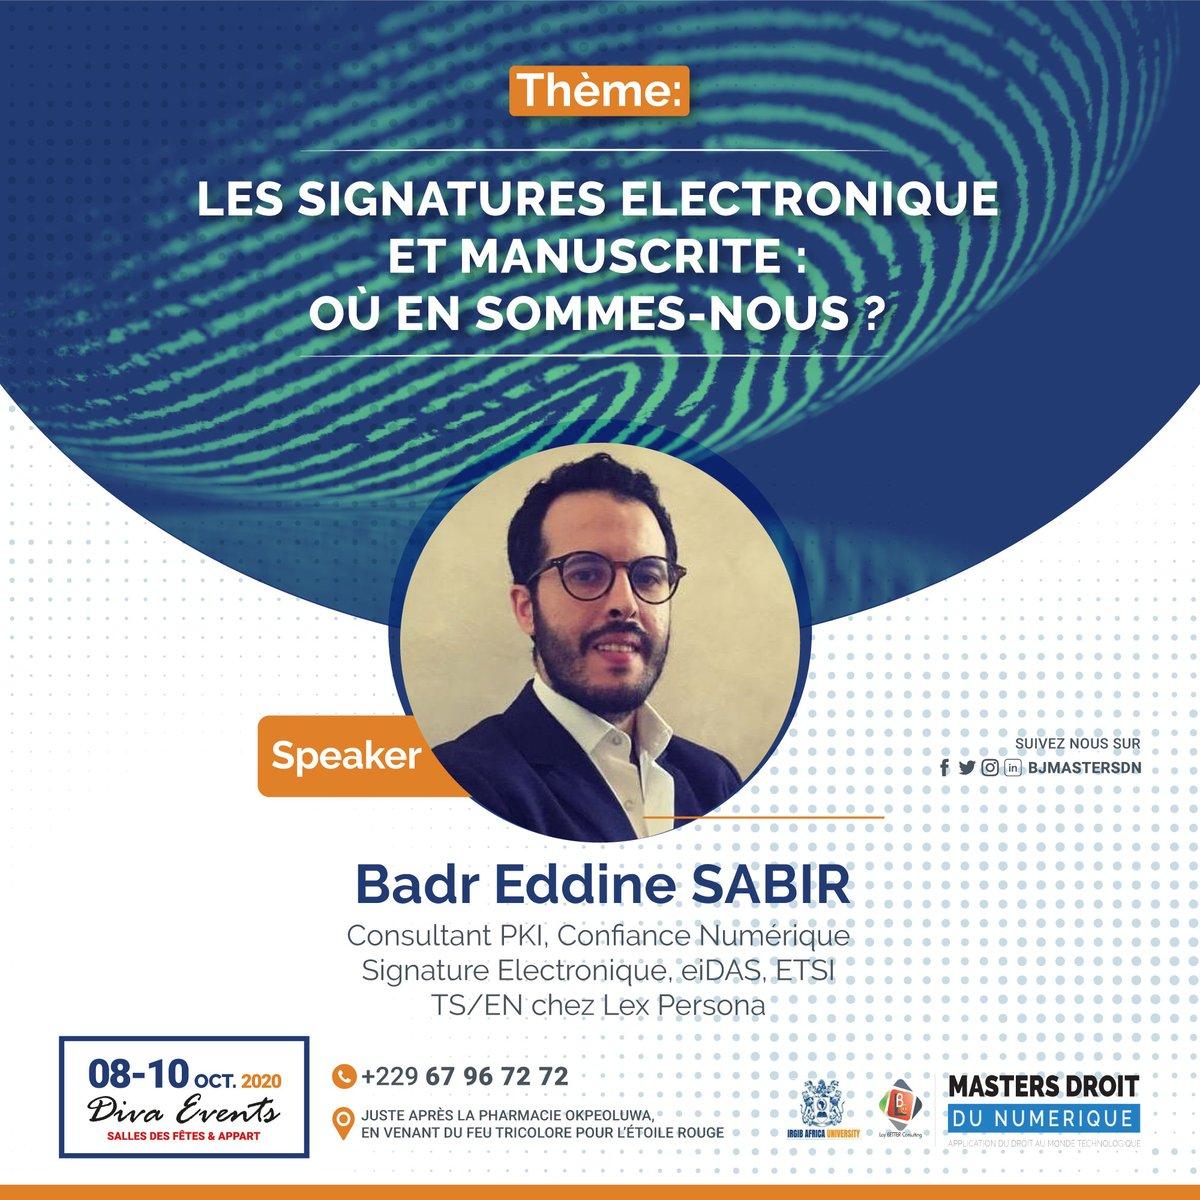 Savoir et se passionner pour une chose sont deux choses différentes. Badr Eddine Sabir, consultant PKI et signature électronique, est un sachant et un passionné de la signature électronique. Obtenez votre pass 👉https://t.co/Aay8Dg9b8X #droitnumerique #BJMasterDN https://t.co/S0OxFSjJQK